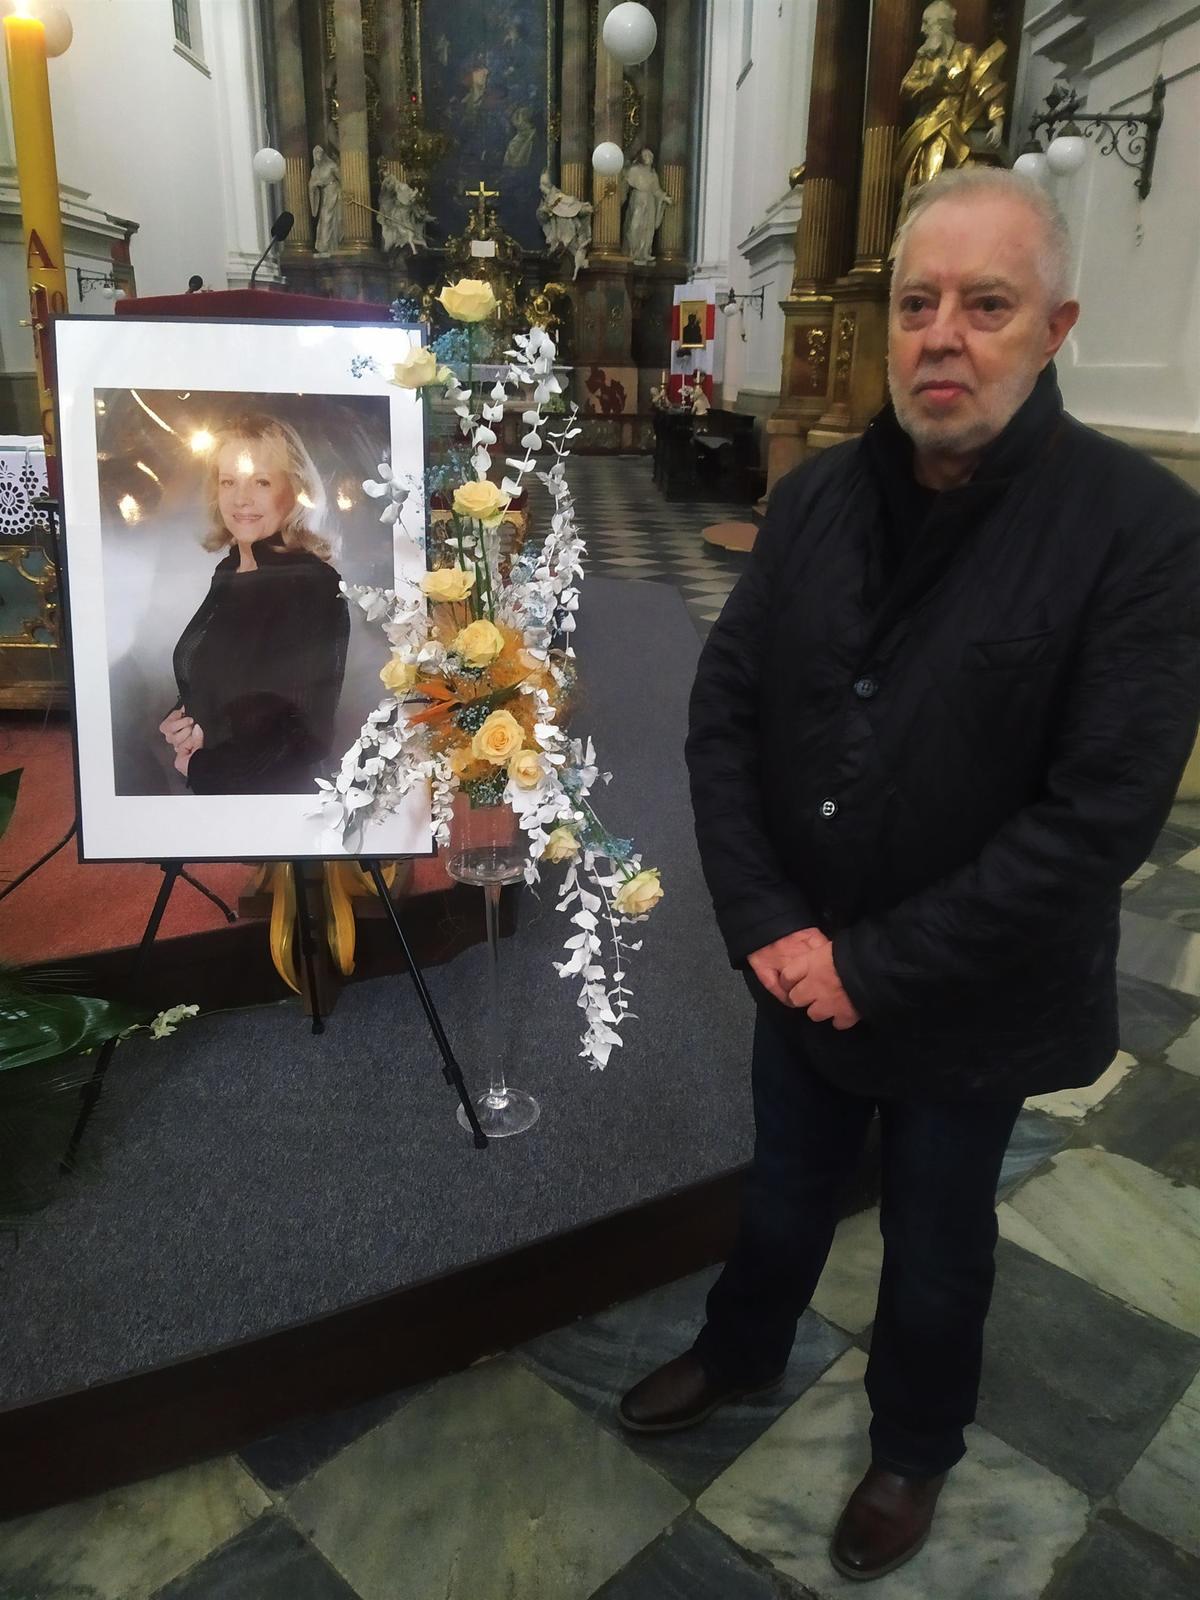 Zádušní mše za Evu Pilarovou se uskutečnila v jejím rodném Brně půl roku po zpěvaččině úmrtí. Do kostela sv. Tomáše Eva Pilarová v mládí pravidelně chodila.